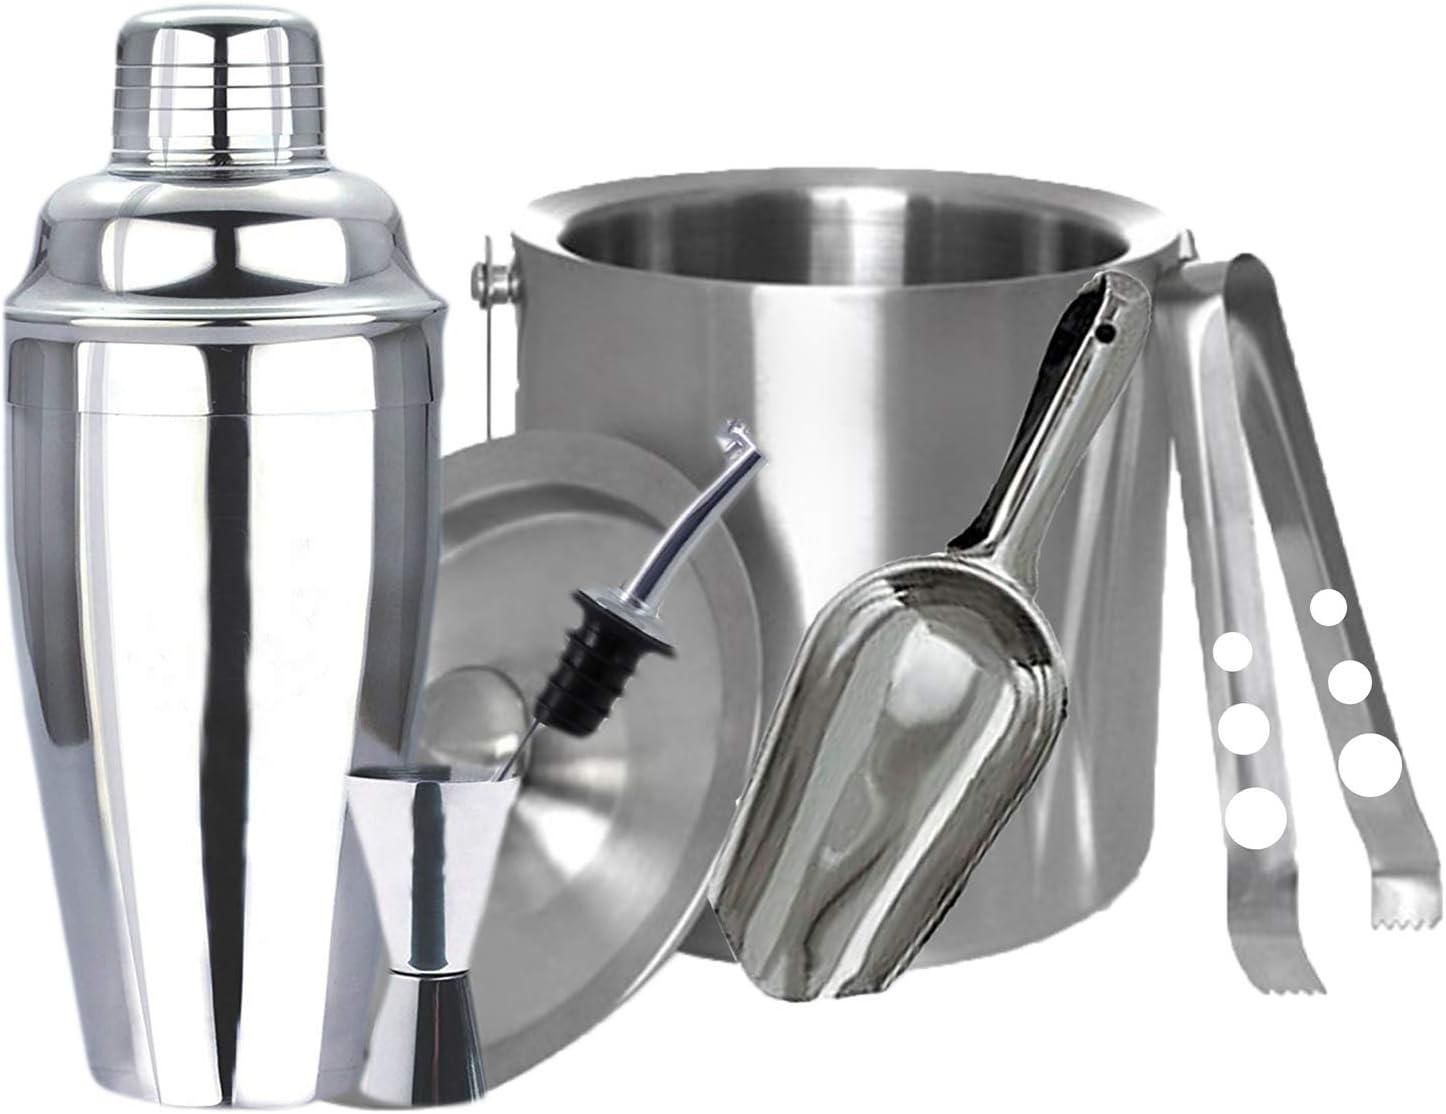 Casa Haus en acier inoxydable Professional Premium Cocktail shaker int/égr/é Passoire M/étal et Pourer Livre de recettes et seau /à glace // Scoop // Tong Bar Set 24 Oz Jigger